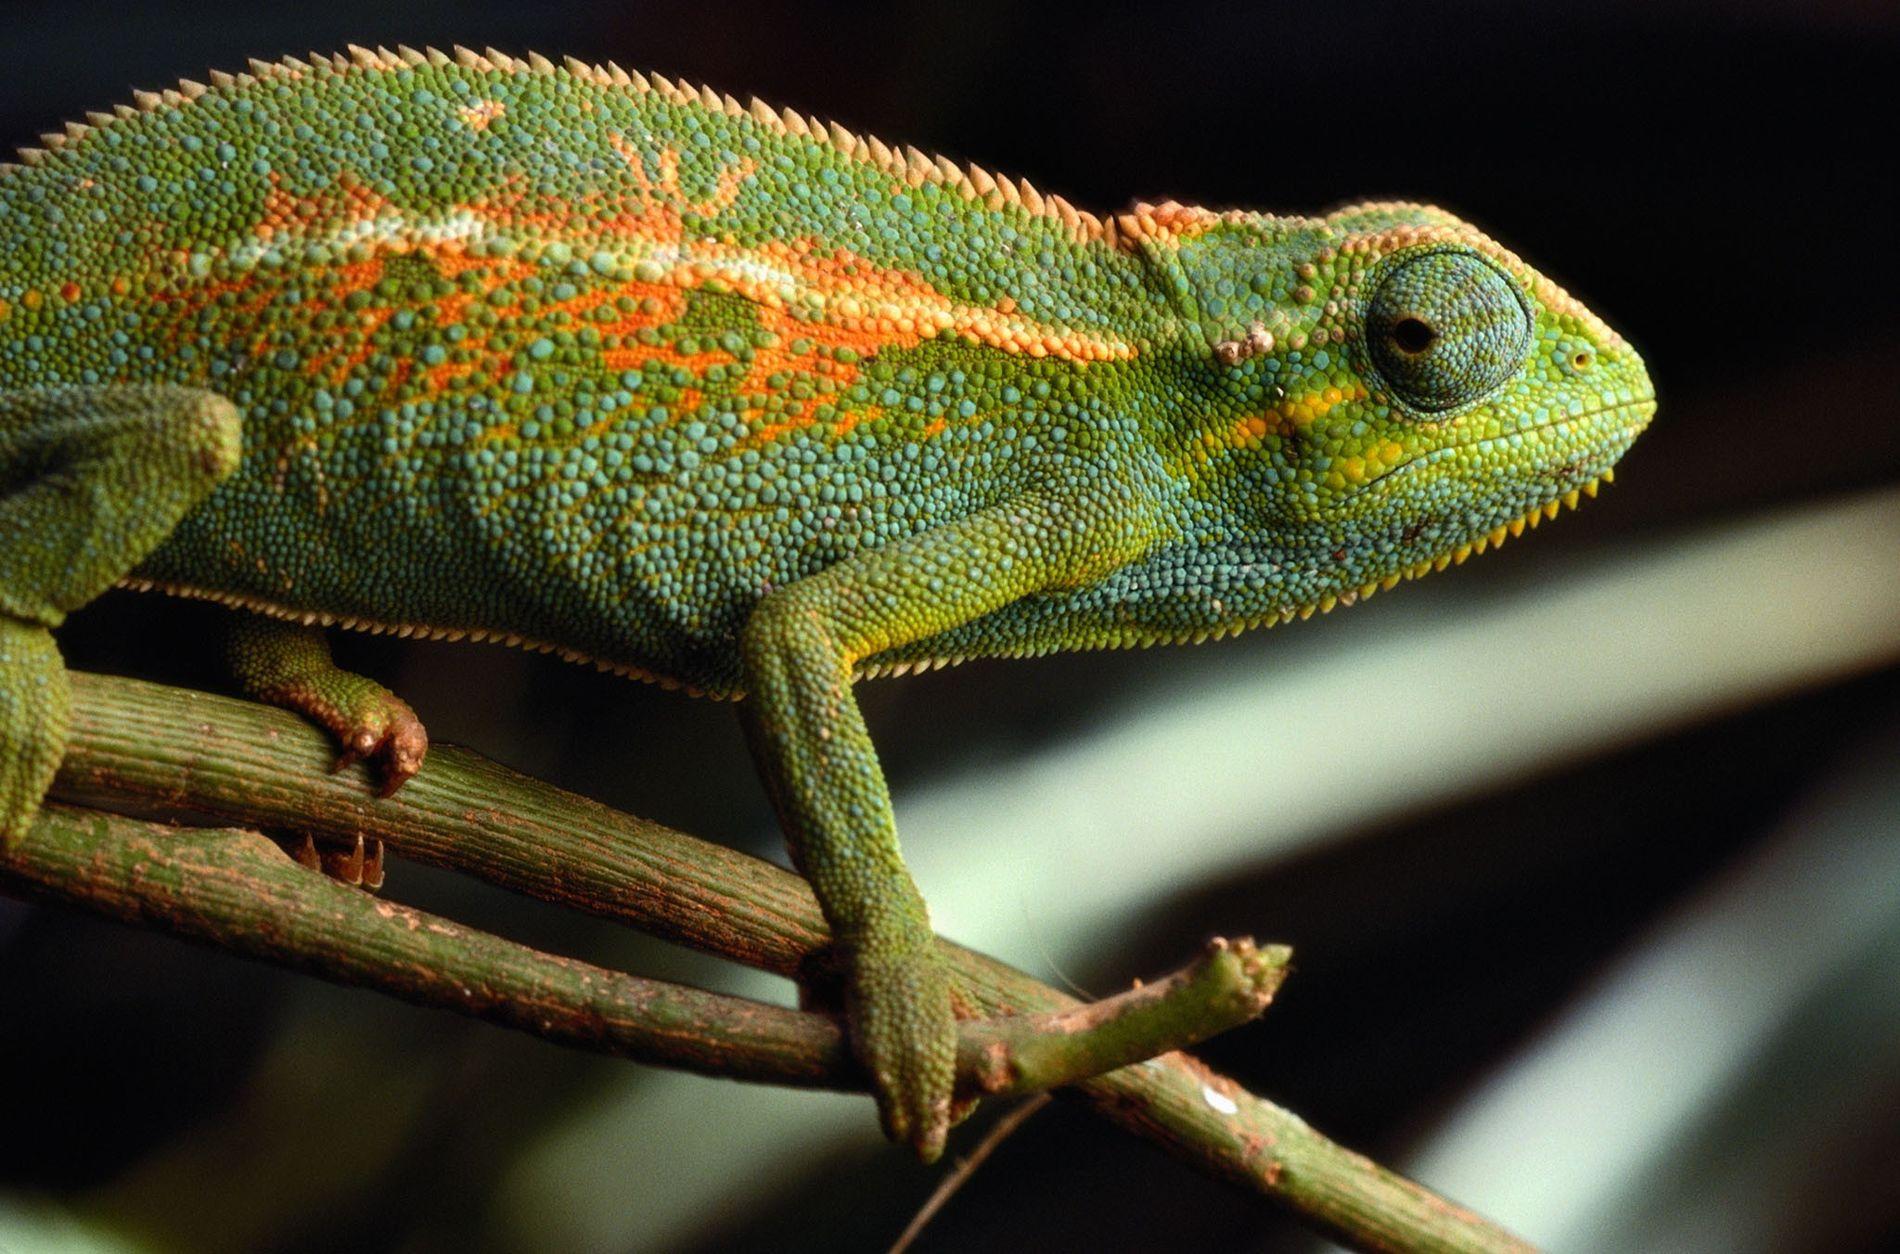 Los camaleones fueron algunos de los lagartos acusados de espiar instalaciones nucleares iraníes.